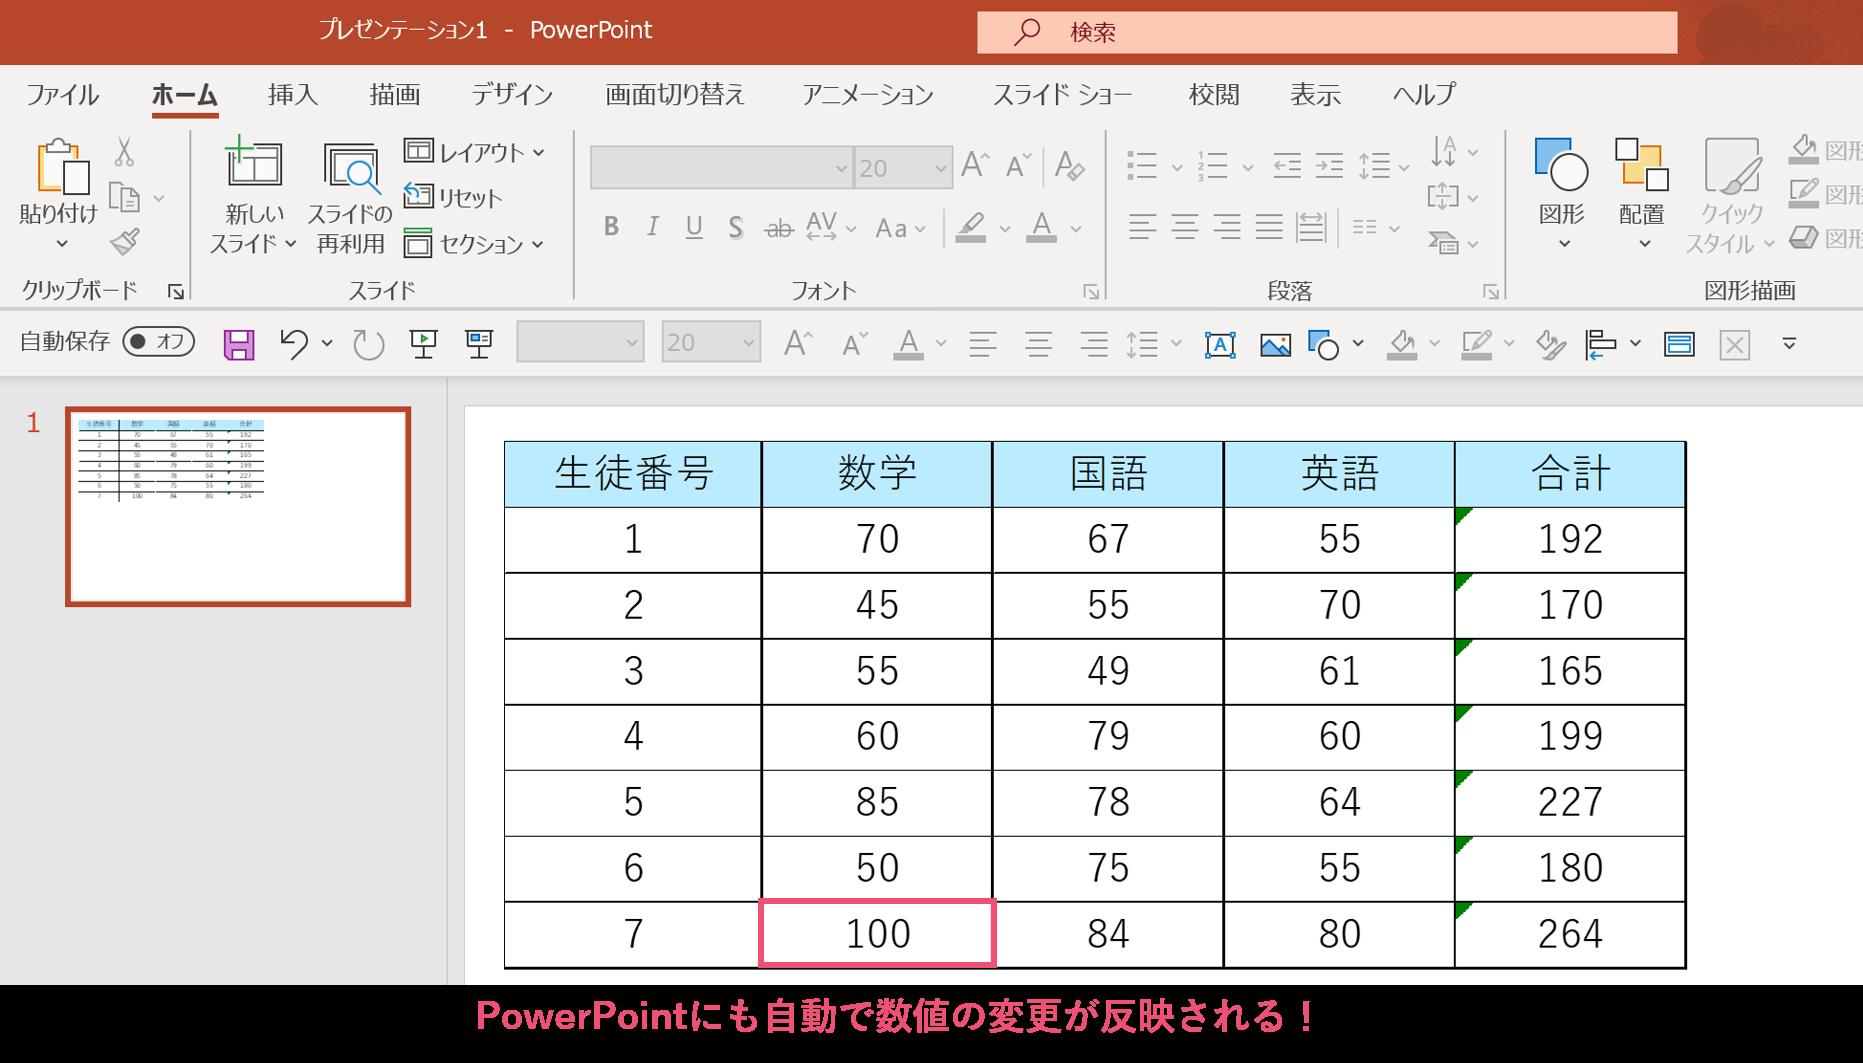 エクセルの編集に合わせてパワーポイントの表も変わる